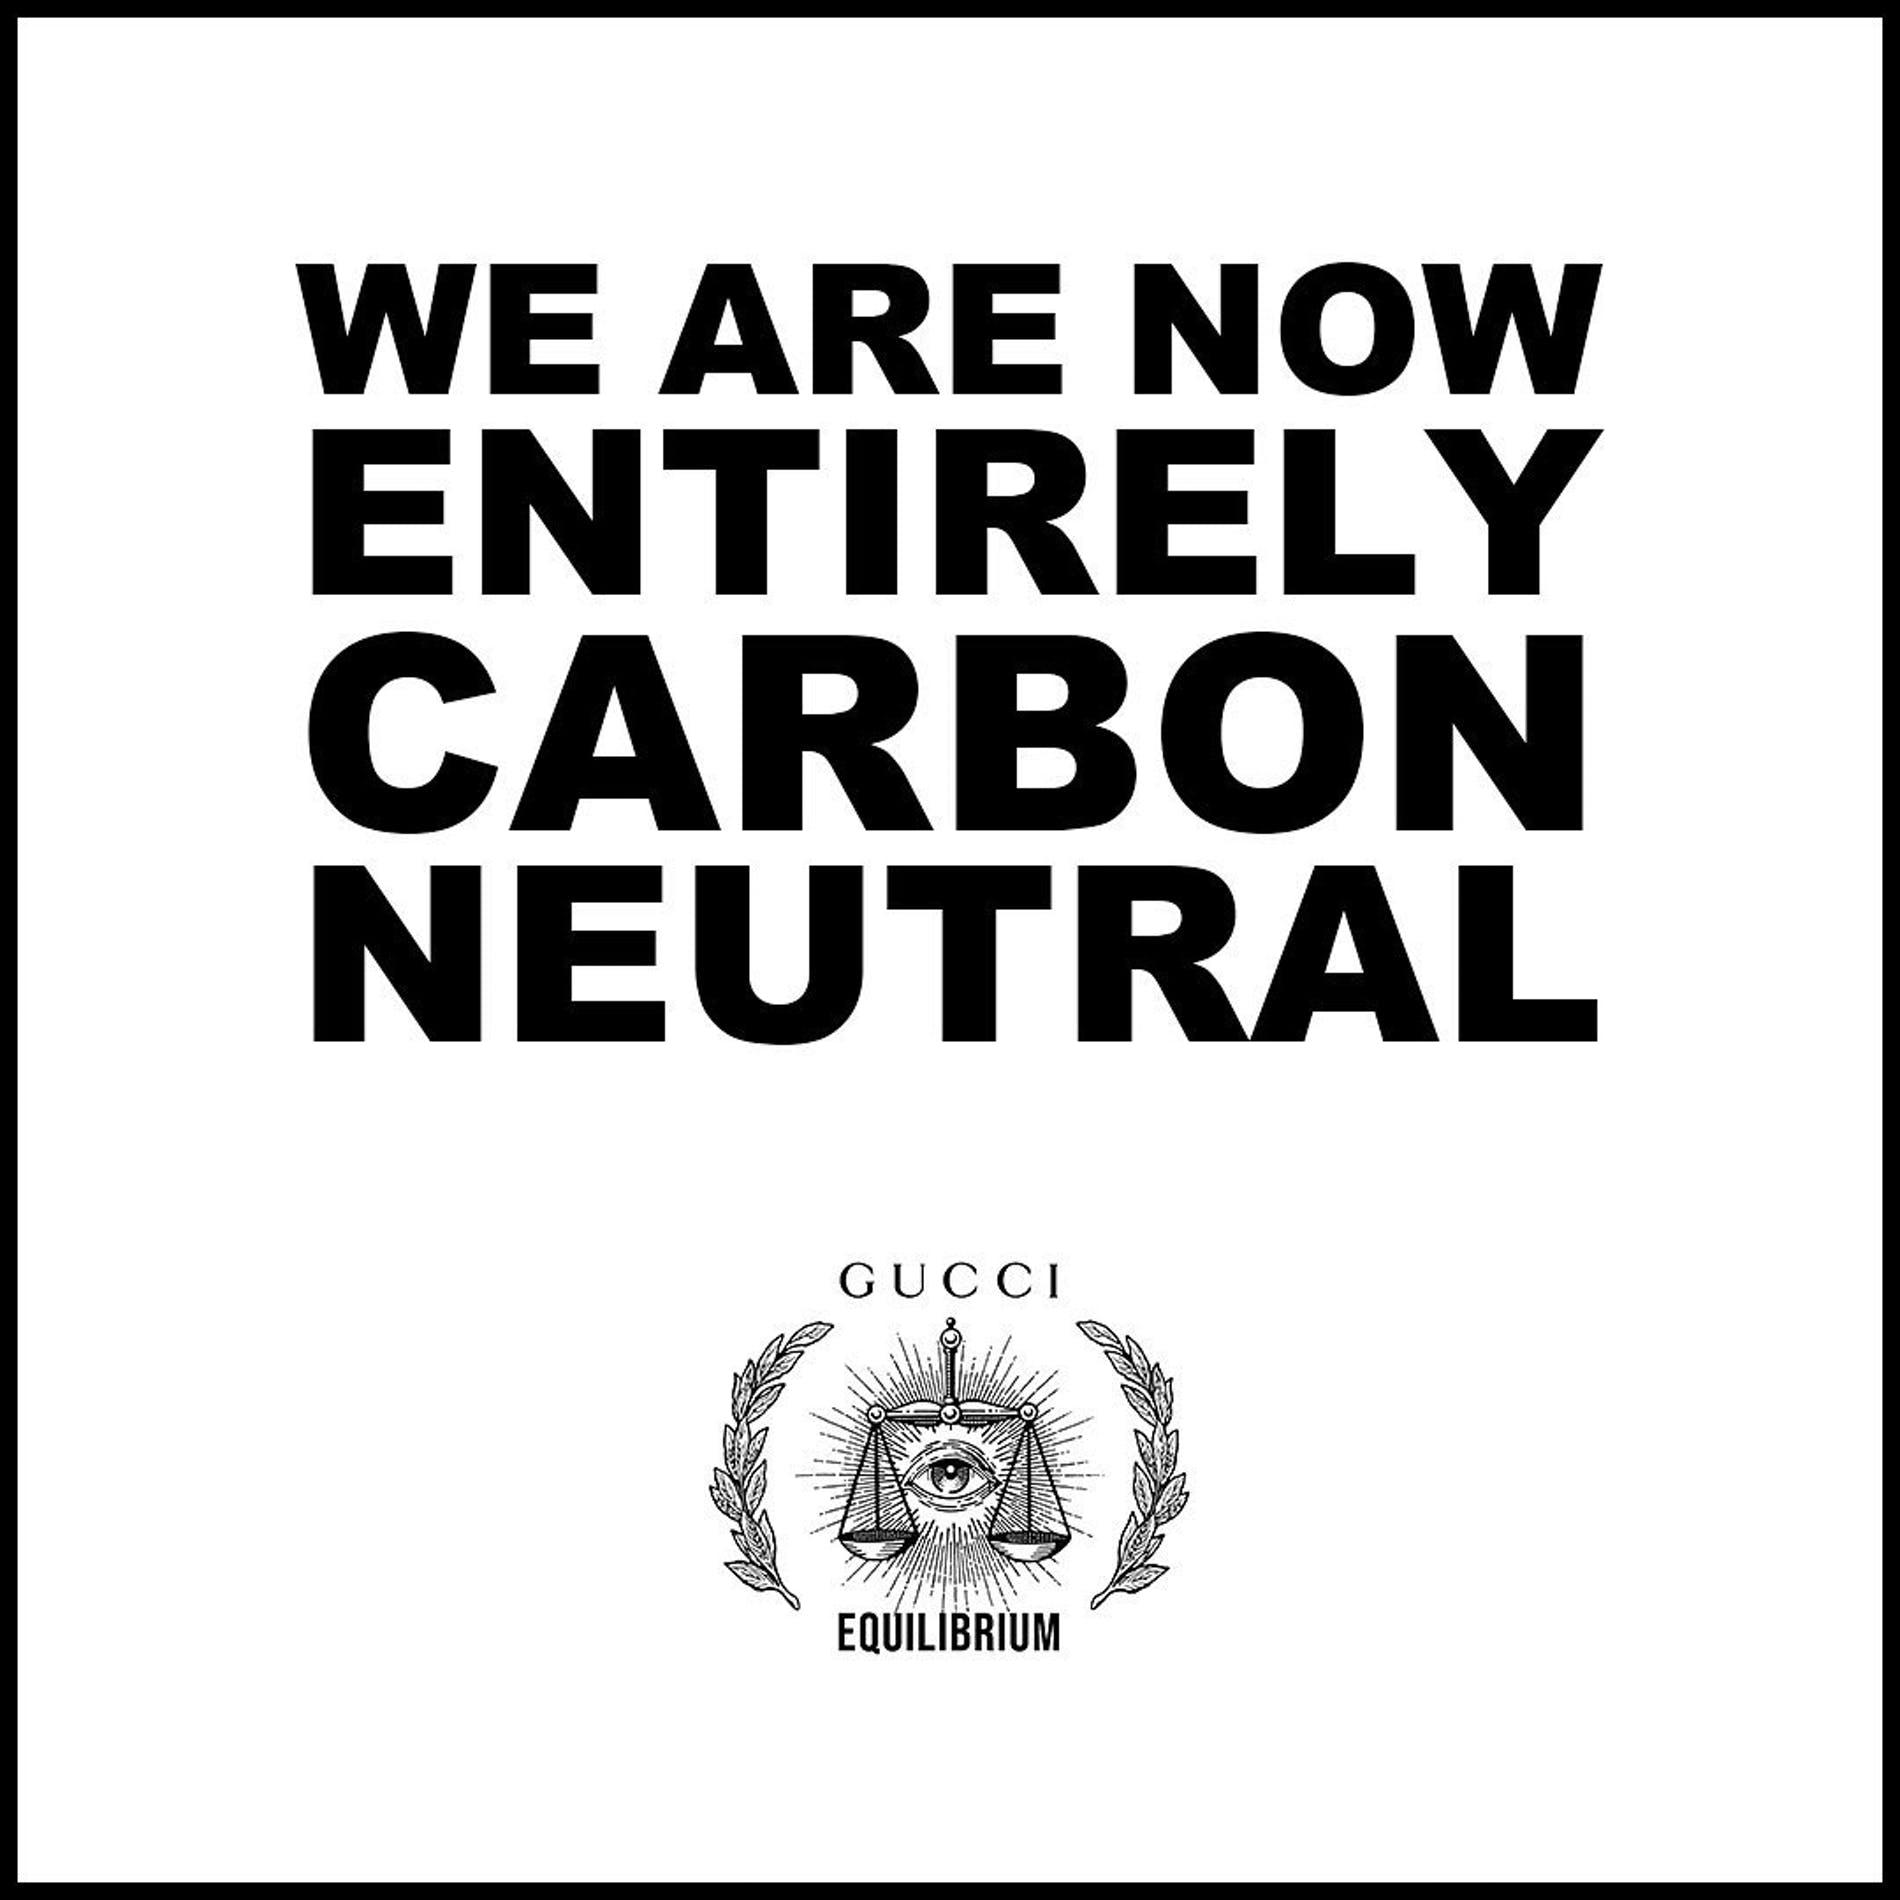 똑똑한 소비자가 착한 기업을 만든다. 이제 패션도 환경과 윤리를 생각해야 할 때다.